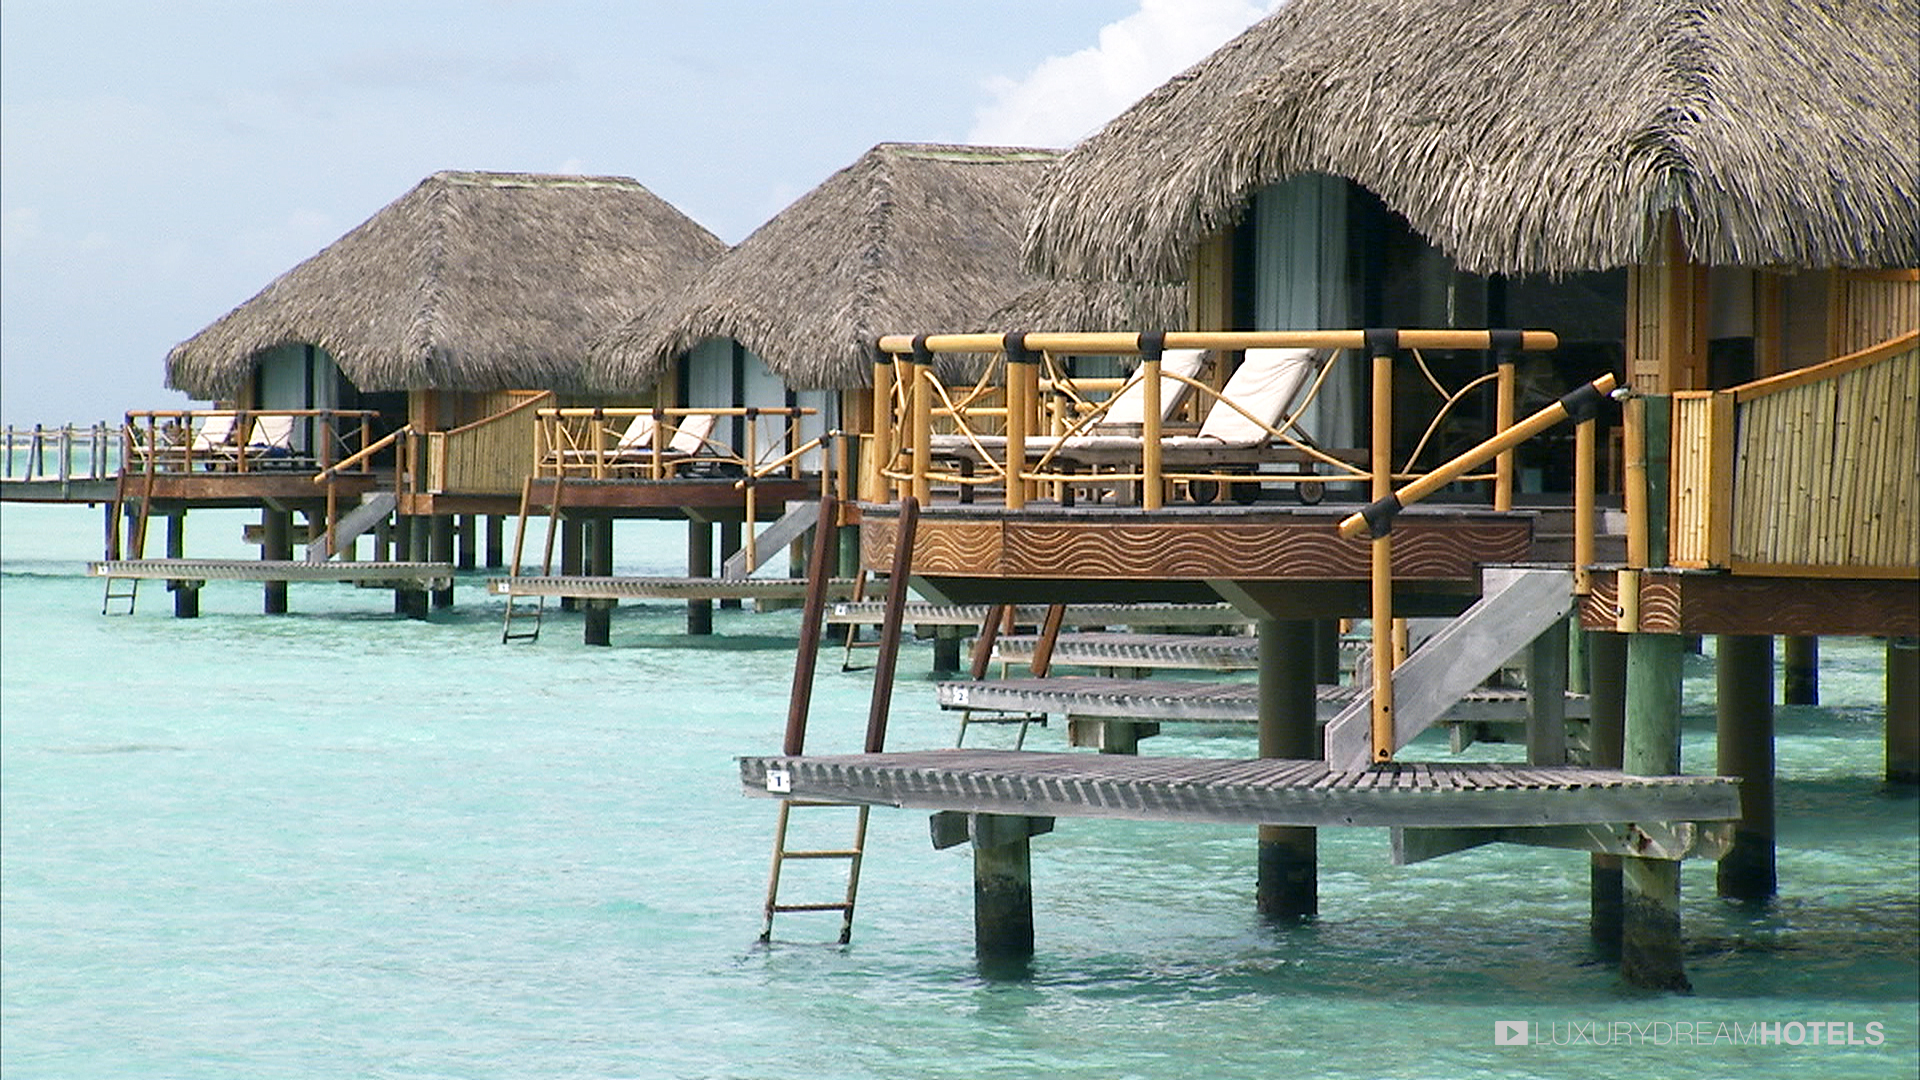 Luxury 5* hotel